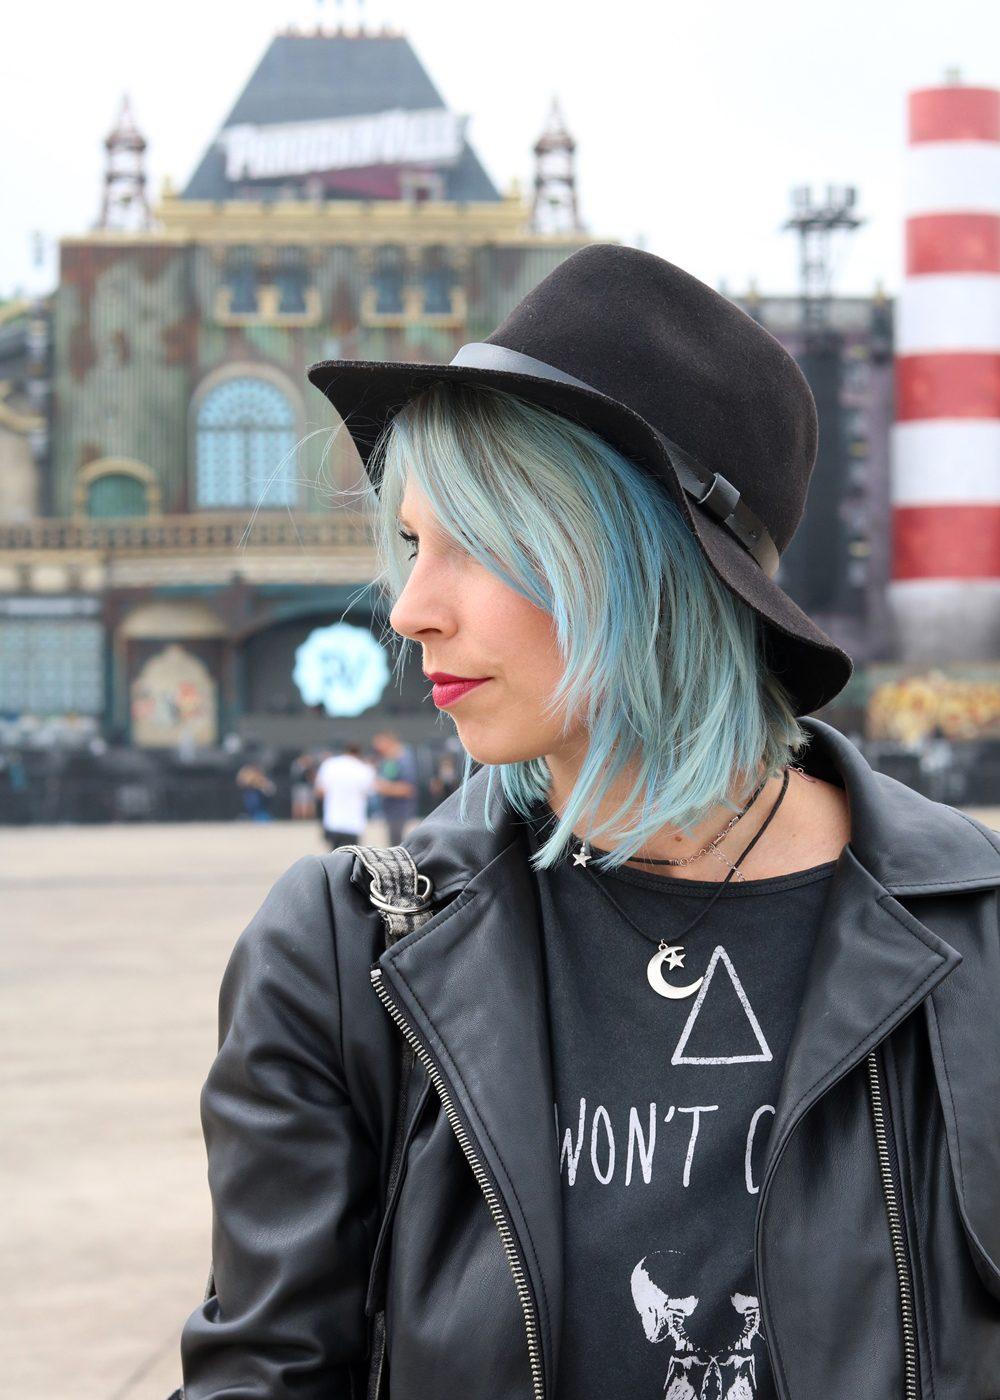 Festivaloutfit Parookaville Bikerlook Hut blaue Haare Fashionblogger (7)